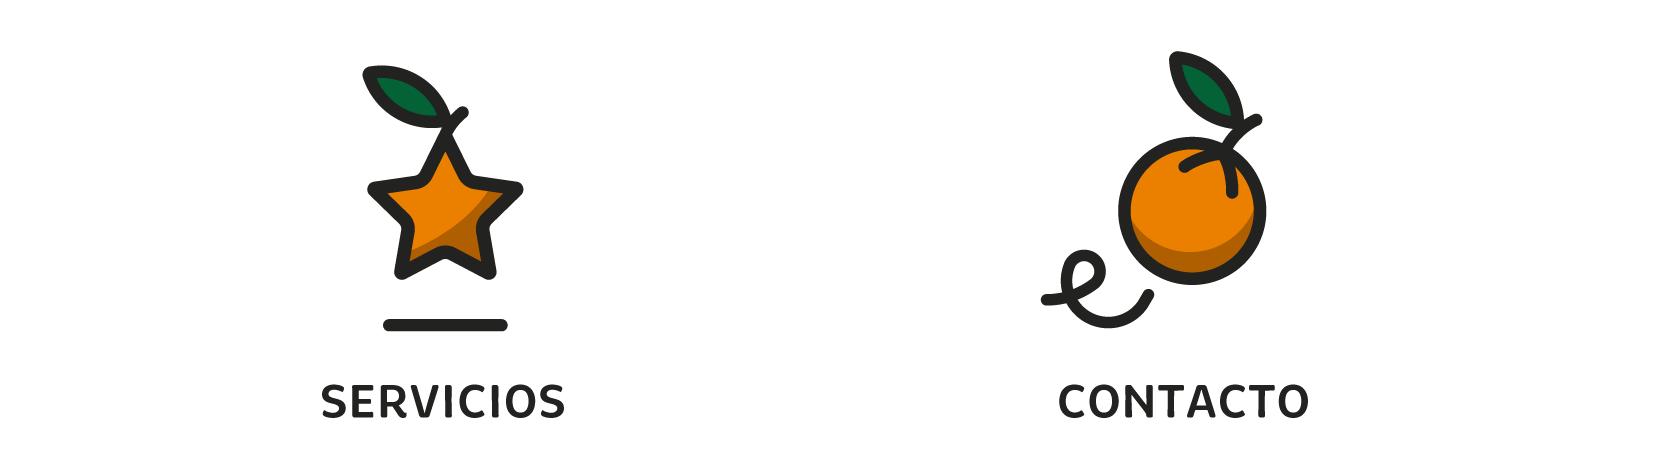 WEB-Ultramarinos-Ana-logo-07.png